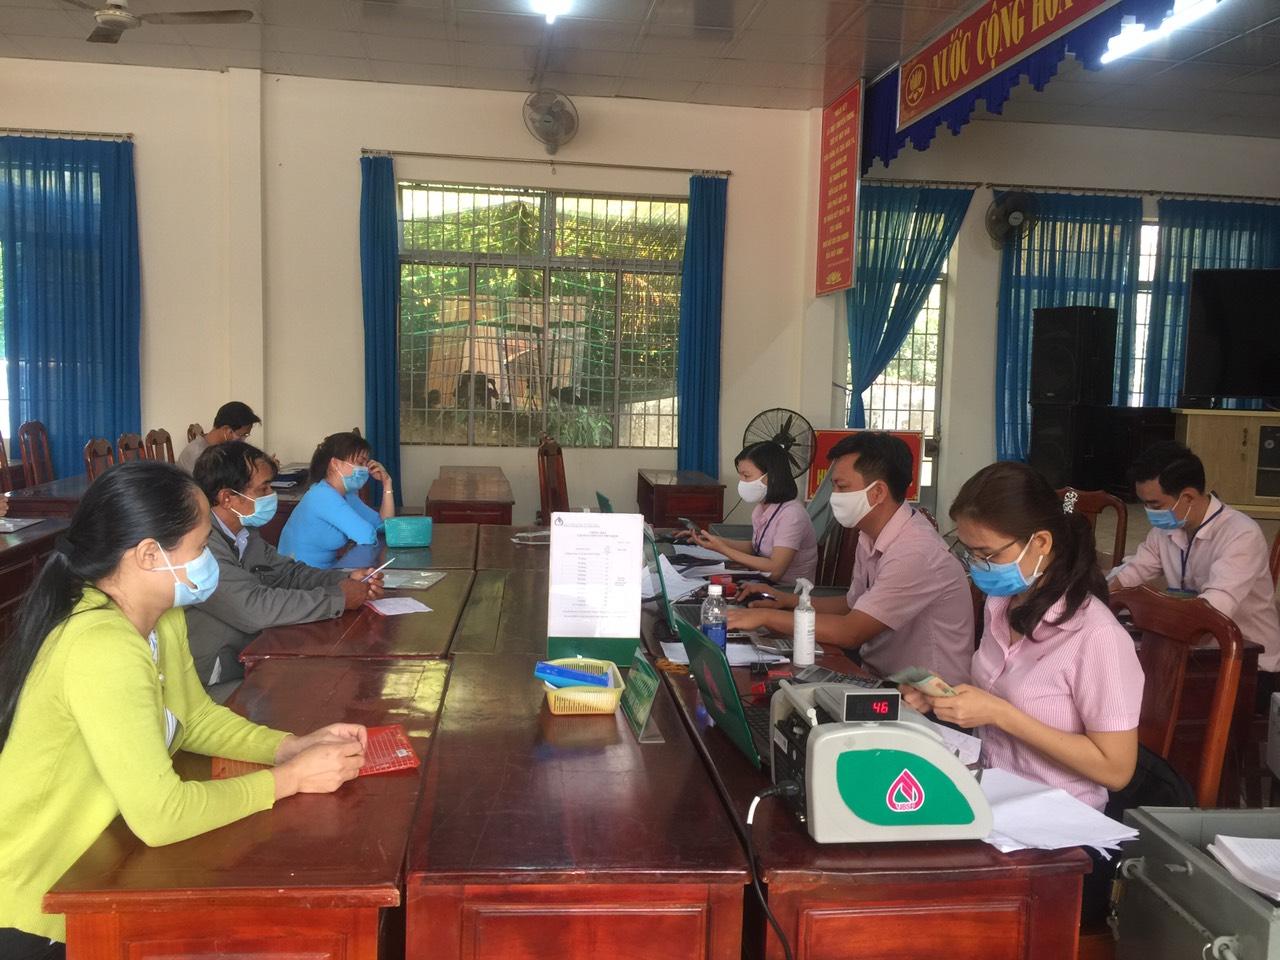 Phòng giao dịch Ngân hàng Chính sách xã hội huyện Chơn Thành thực hiện giao dịch tại điểm giao dịch xã Minh Lập